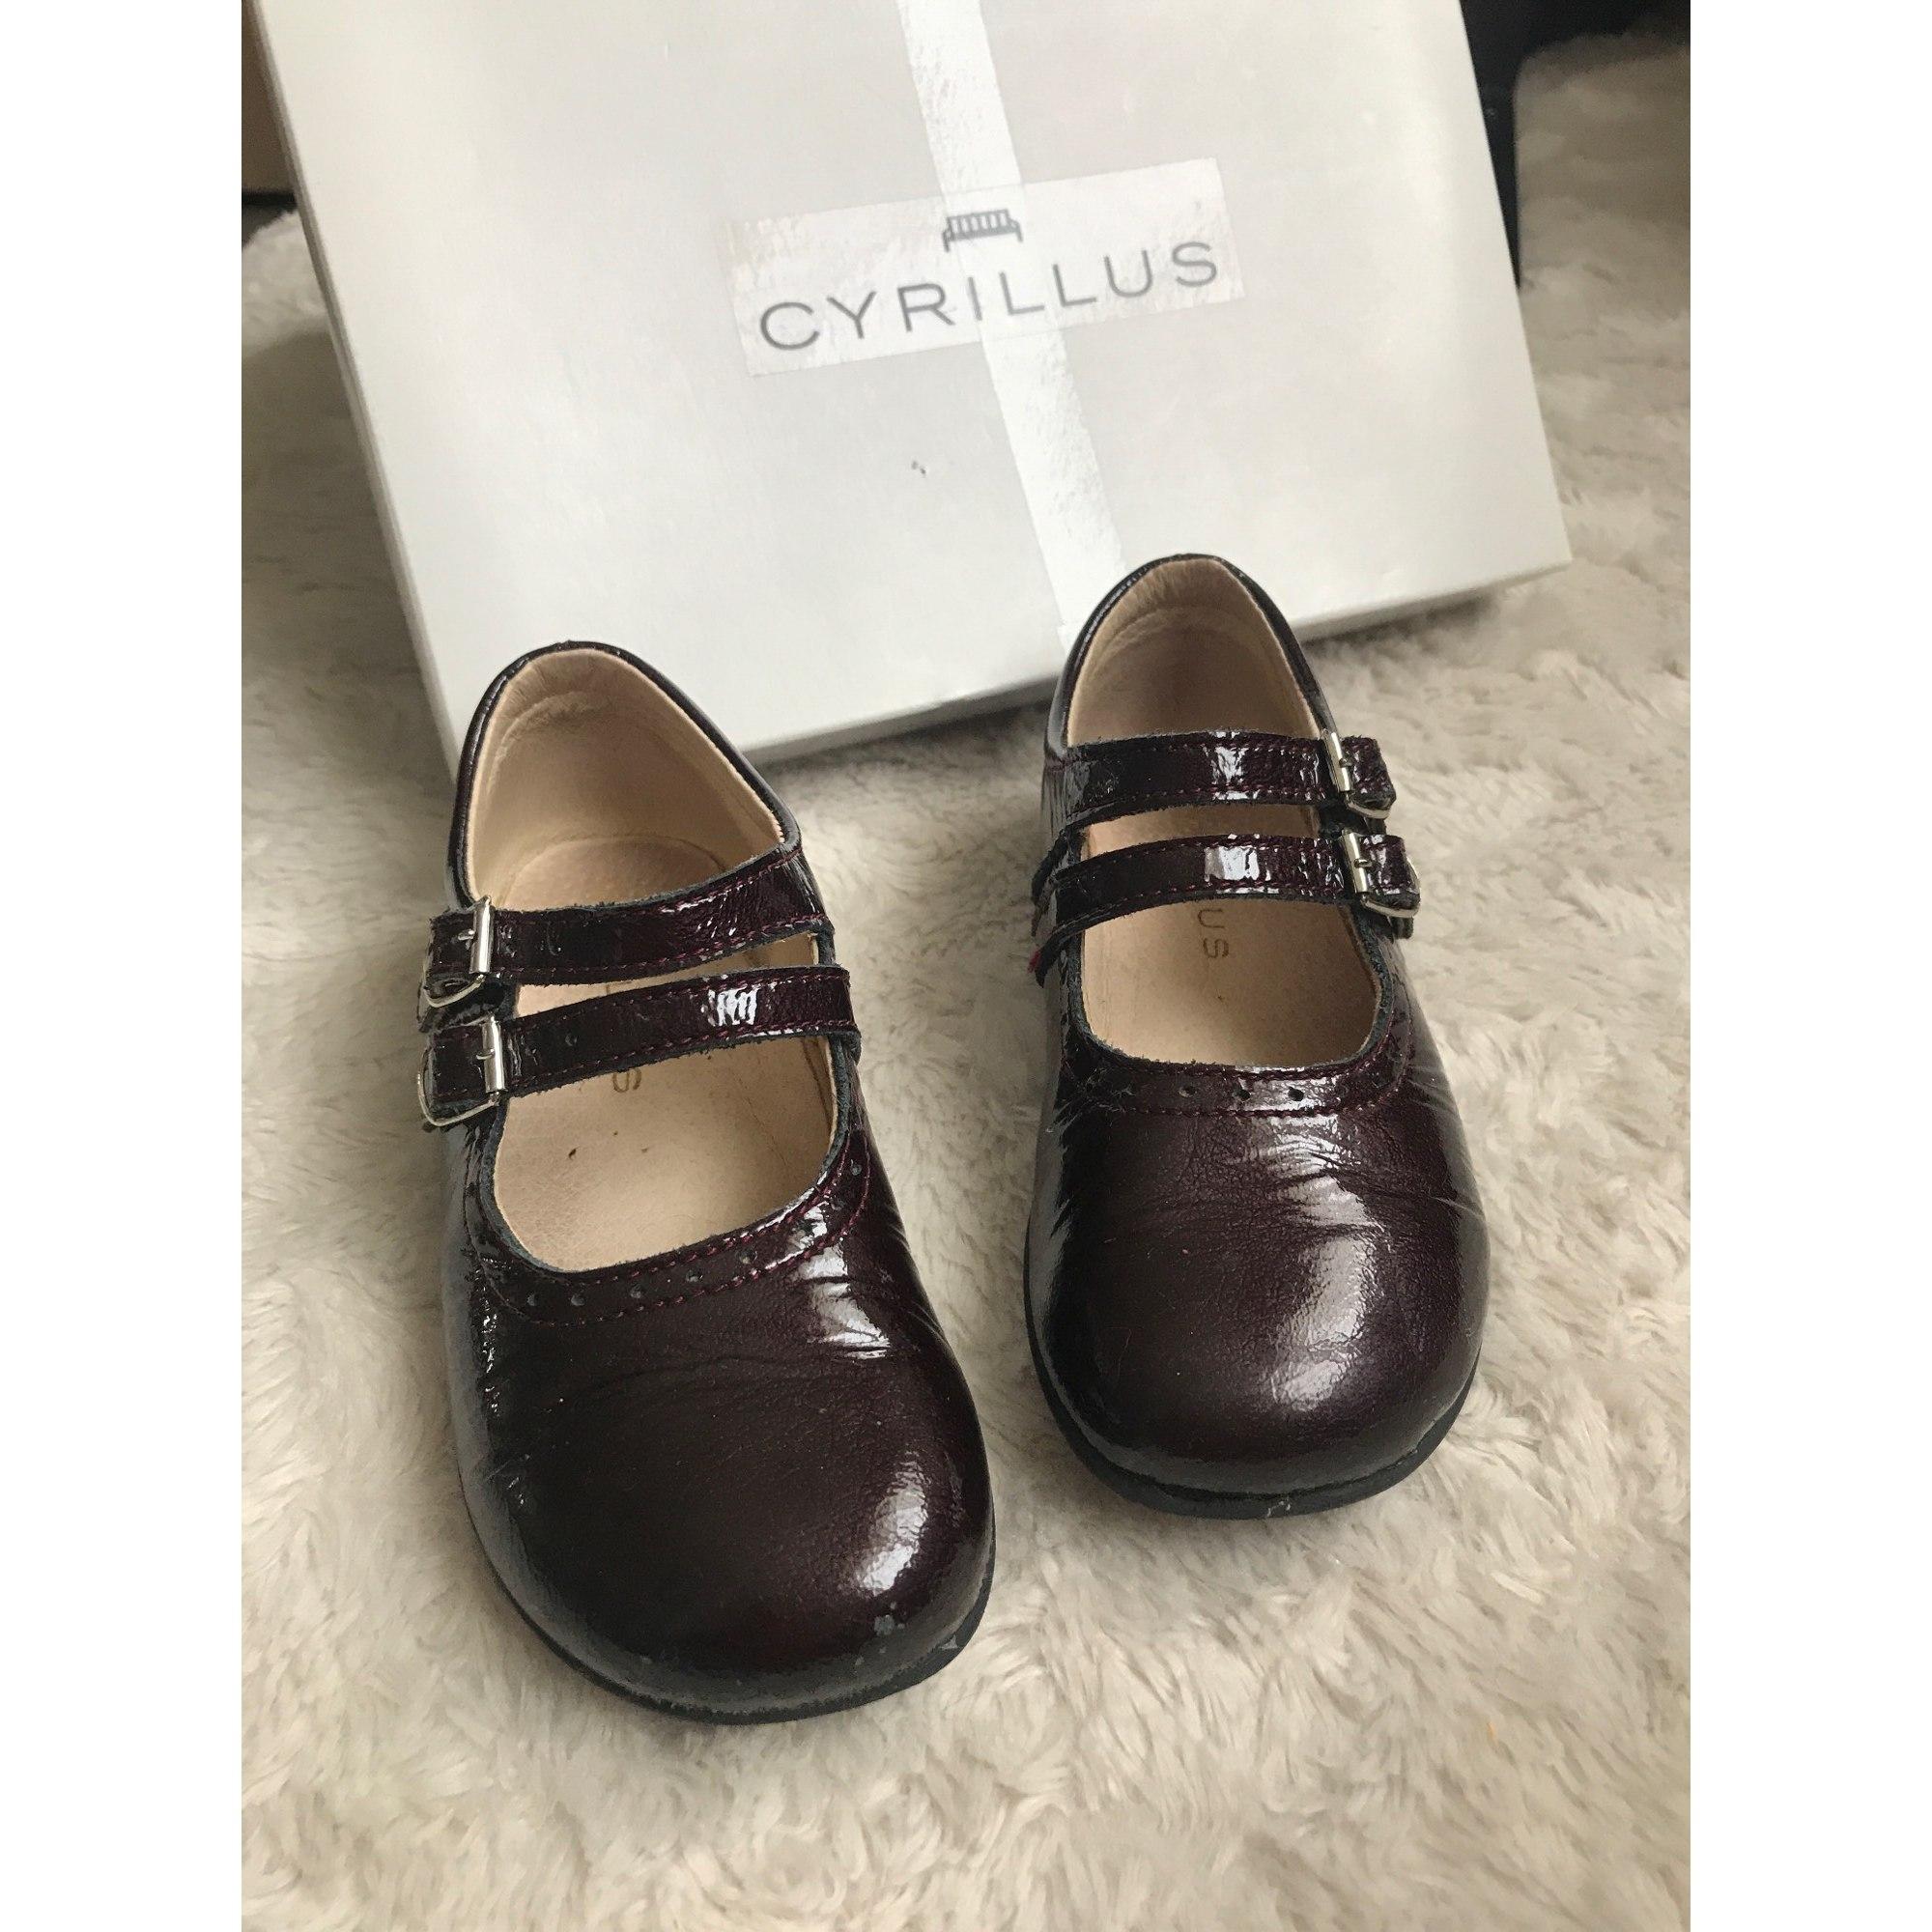 Chaussures à boucle CYRILLUS Rouge, bordeaux